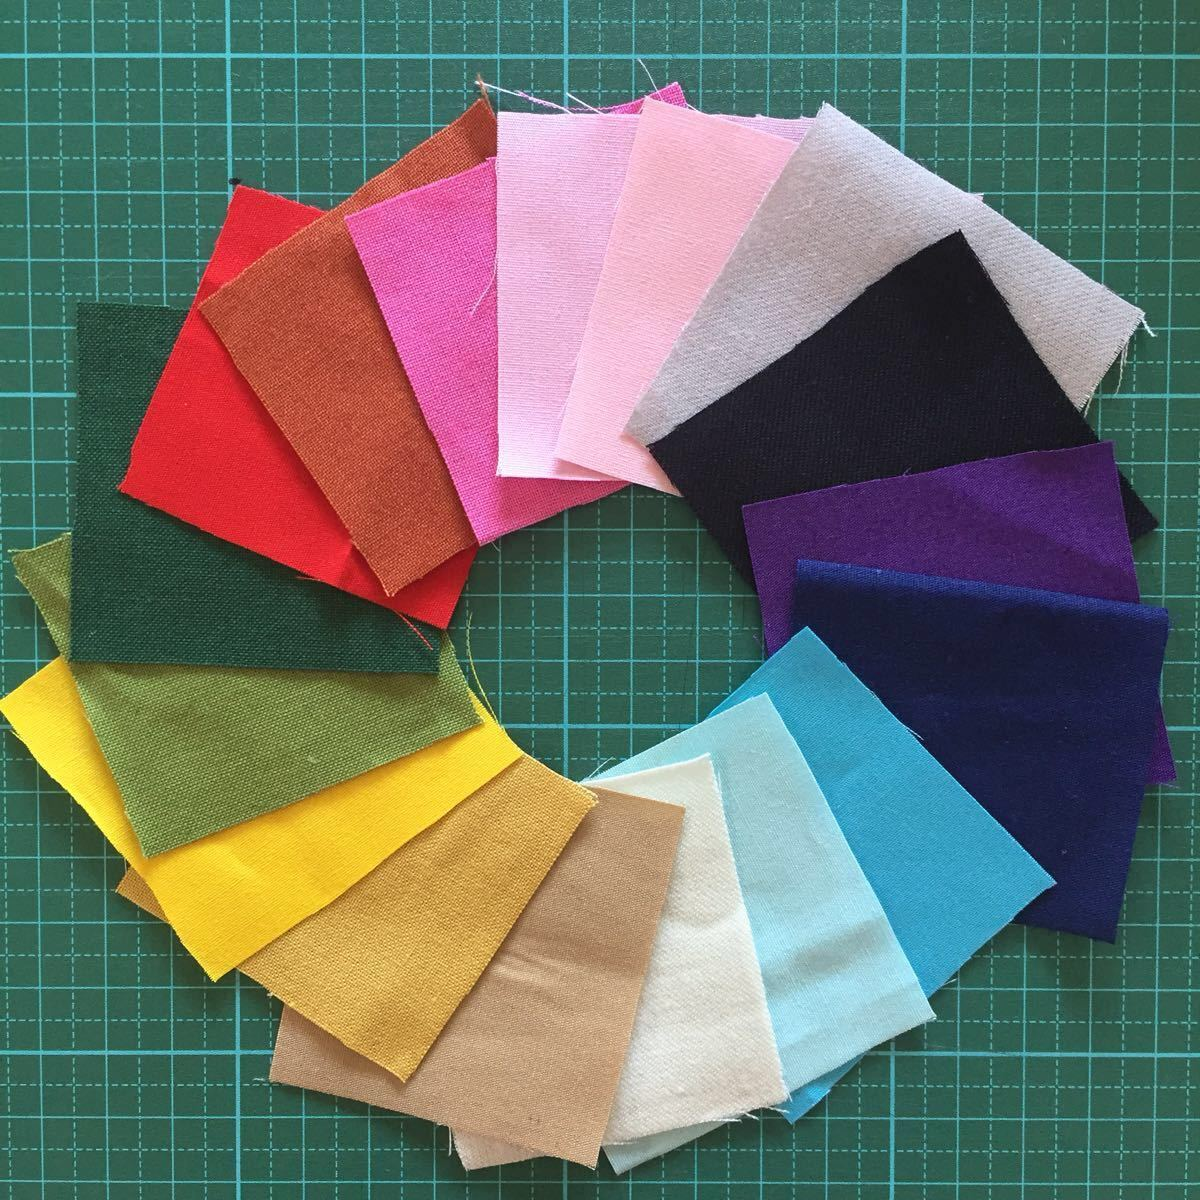 カットクロス計68枚☆5cm×5cm 17色×4枚 無地 カラー 布 はぎれ 虹